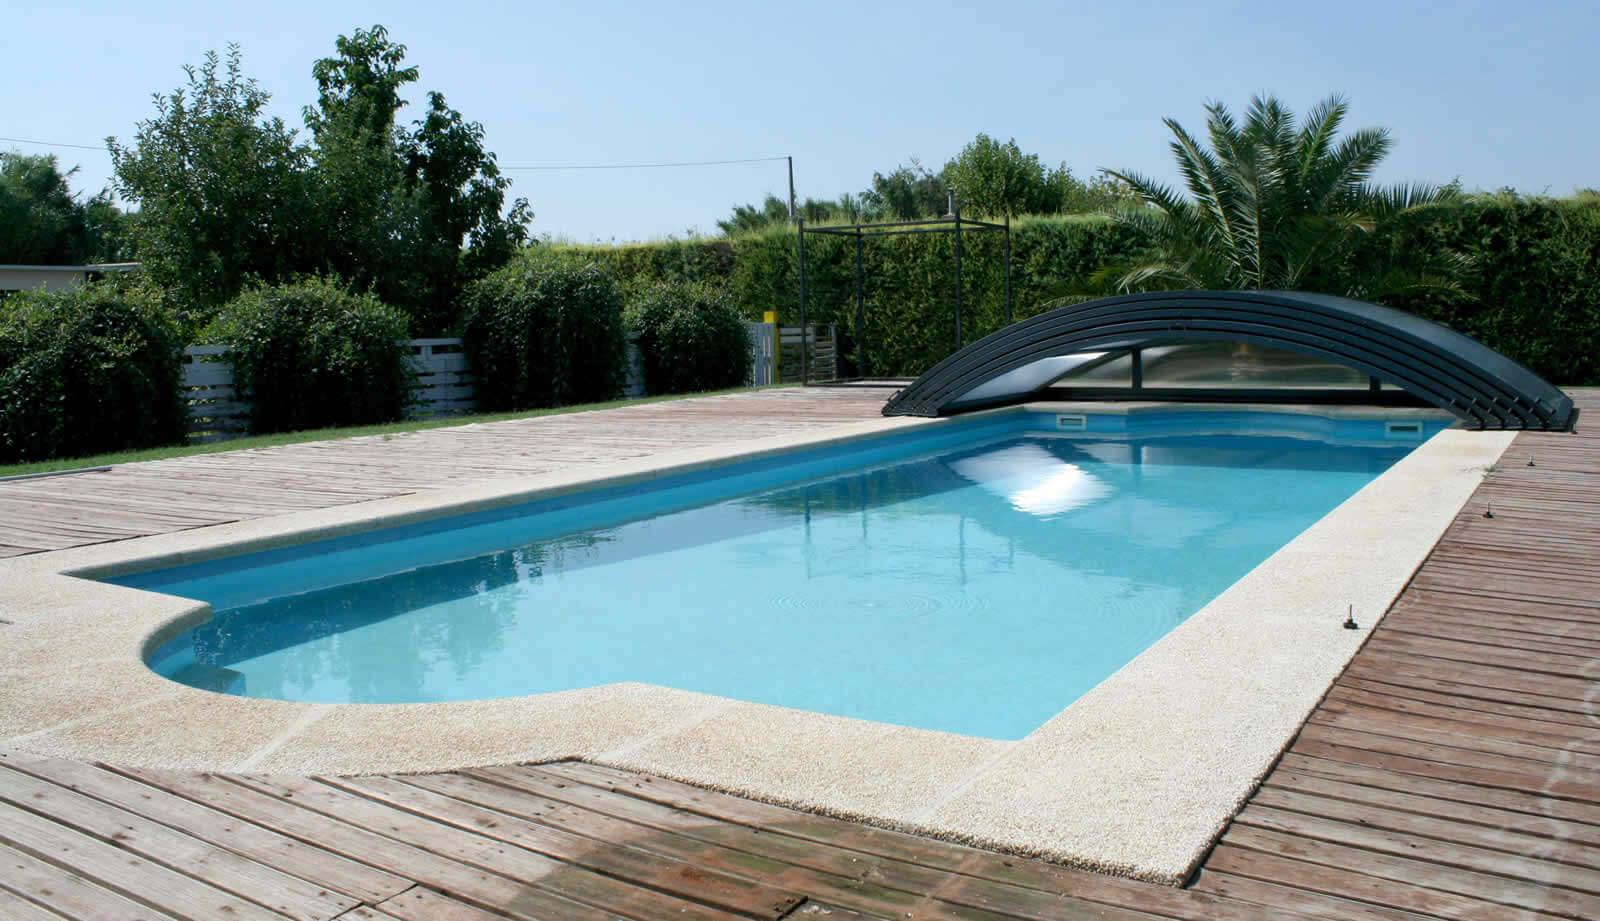 Calidad fabricaci n y calidad de control tecnyvan for Fabricacion de piscinas